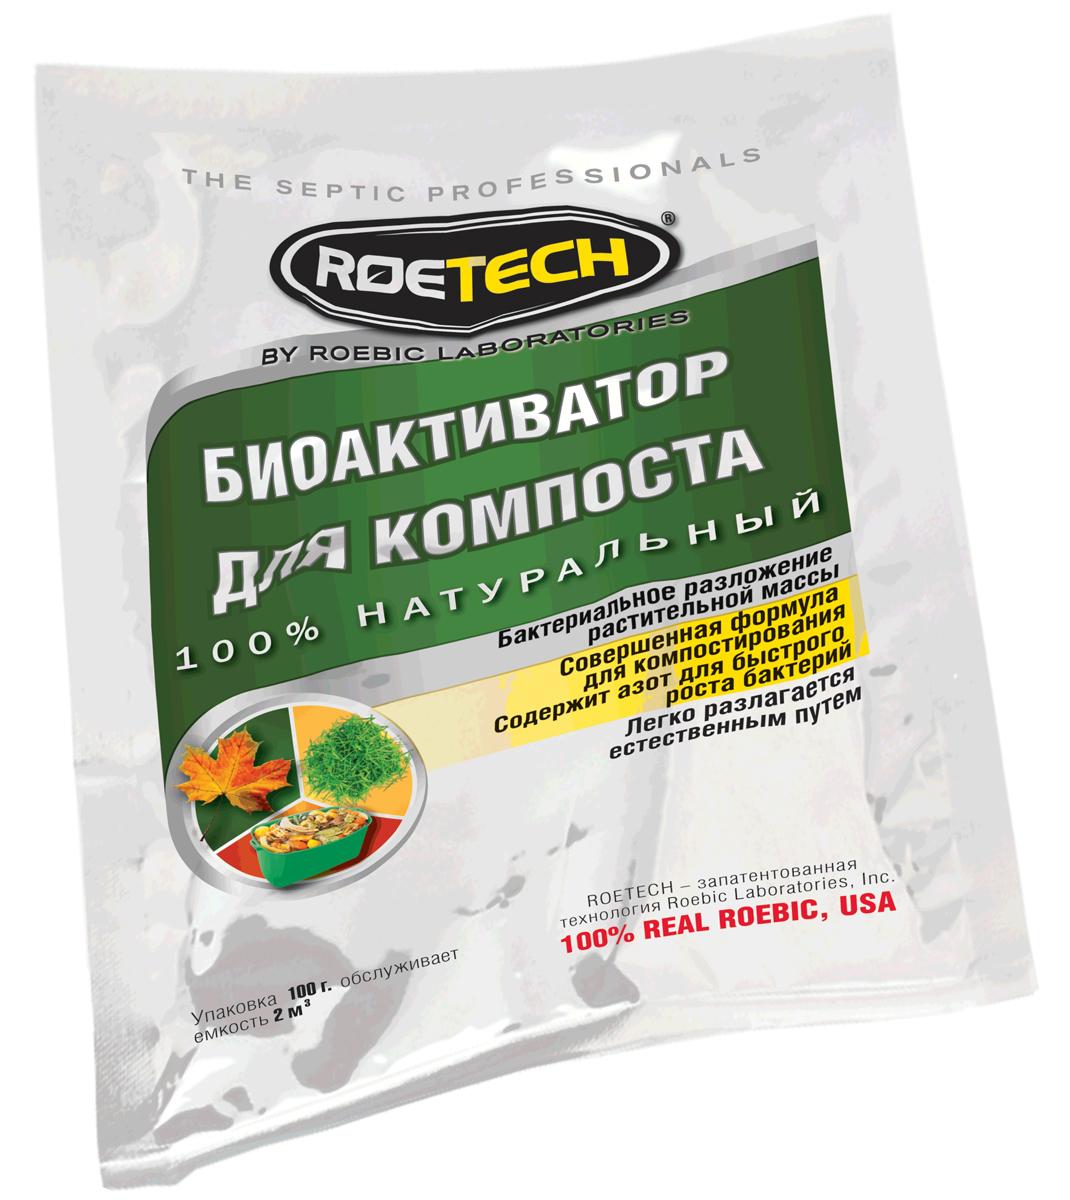 БиоАктиватор для компоста Roetech, 100 гCAСовершенная бактериальная формула для ускорения естественных процессах в компостных ямах. Перерабатывает зеленую и сухую траву, листья, овощные остатки и очистки. Пакет 100 гр. Состав: смесь бактерий и ферментов бактериального происхождения, порошок.